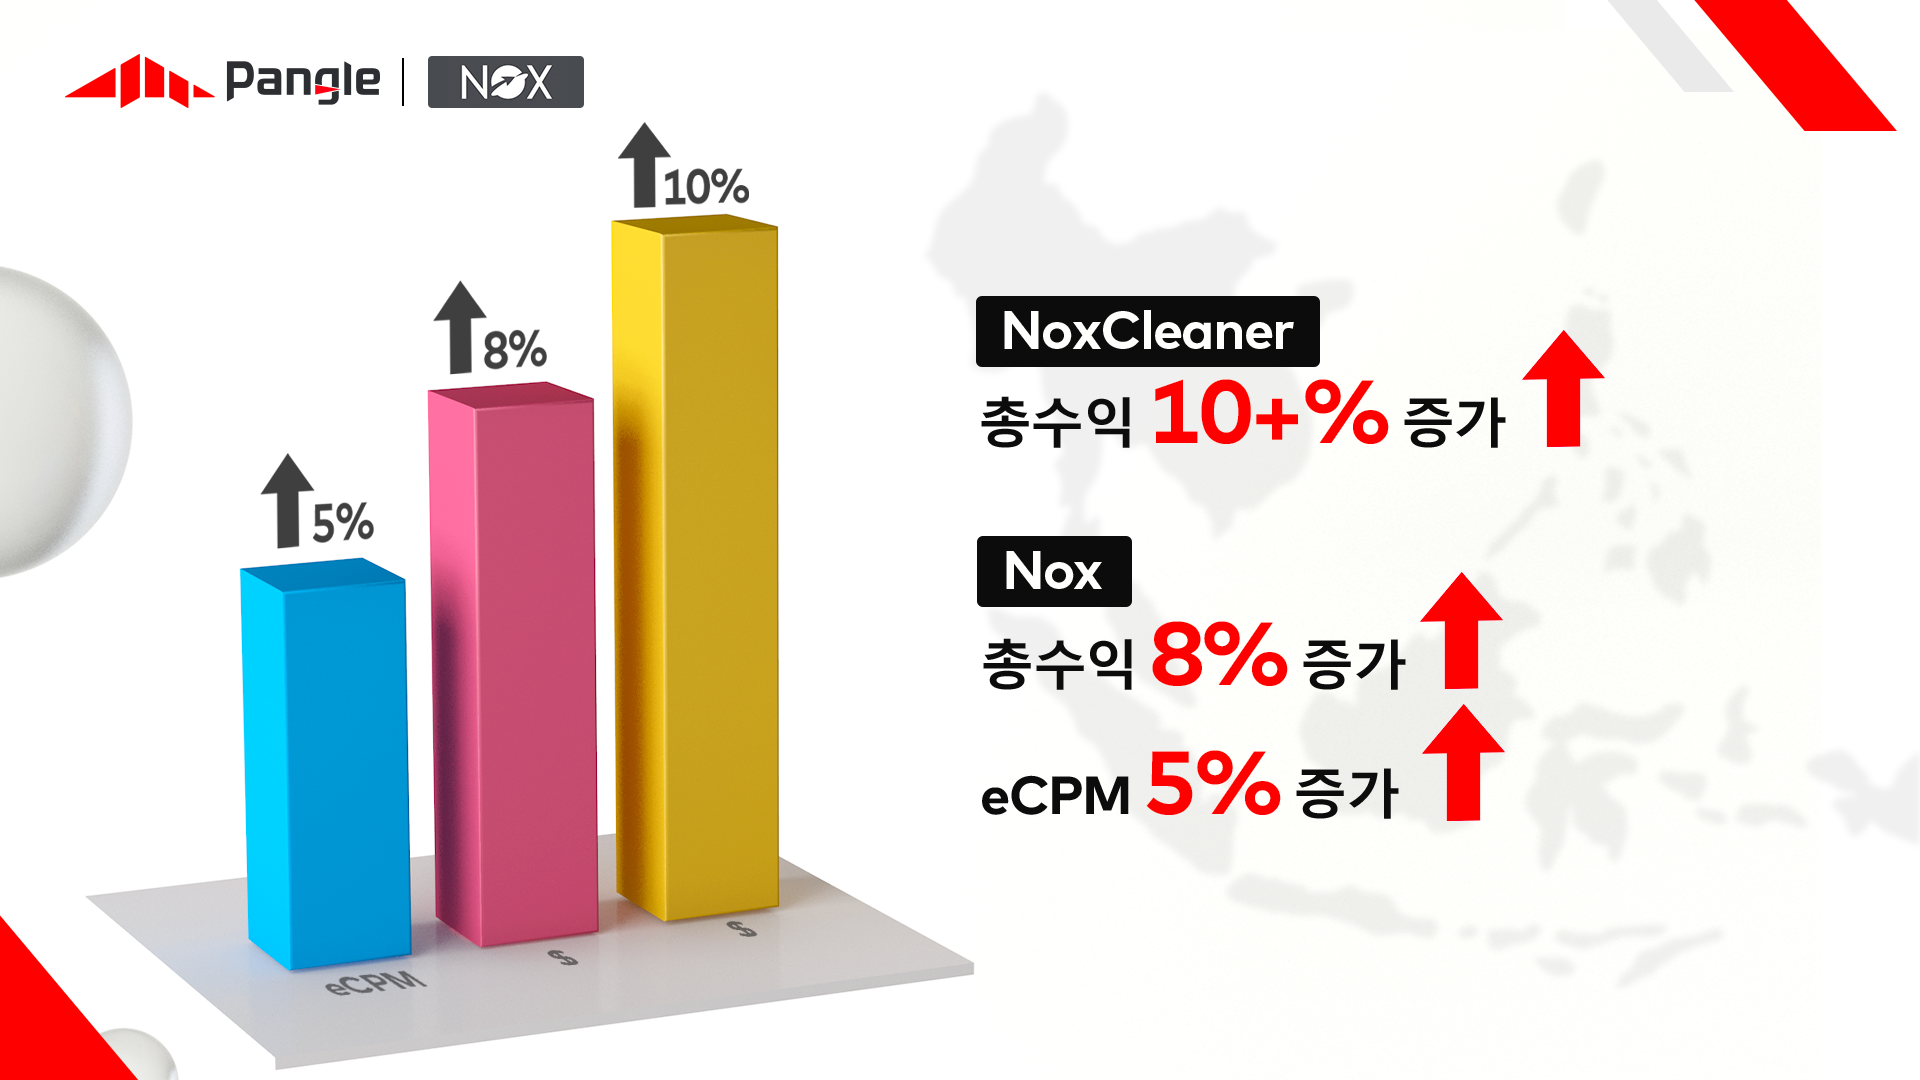 Nox, 팽글로 동남아시아 지역 매출 10% 증대를 달성하며 성장 정체를 극복하다